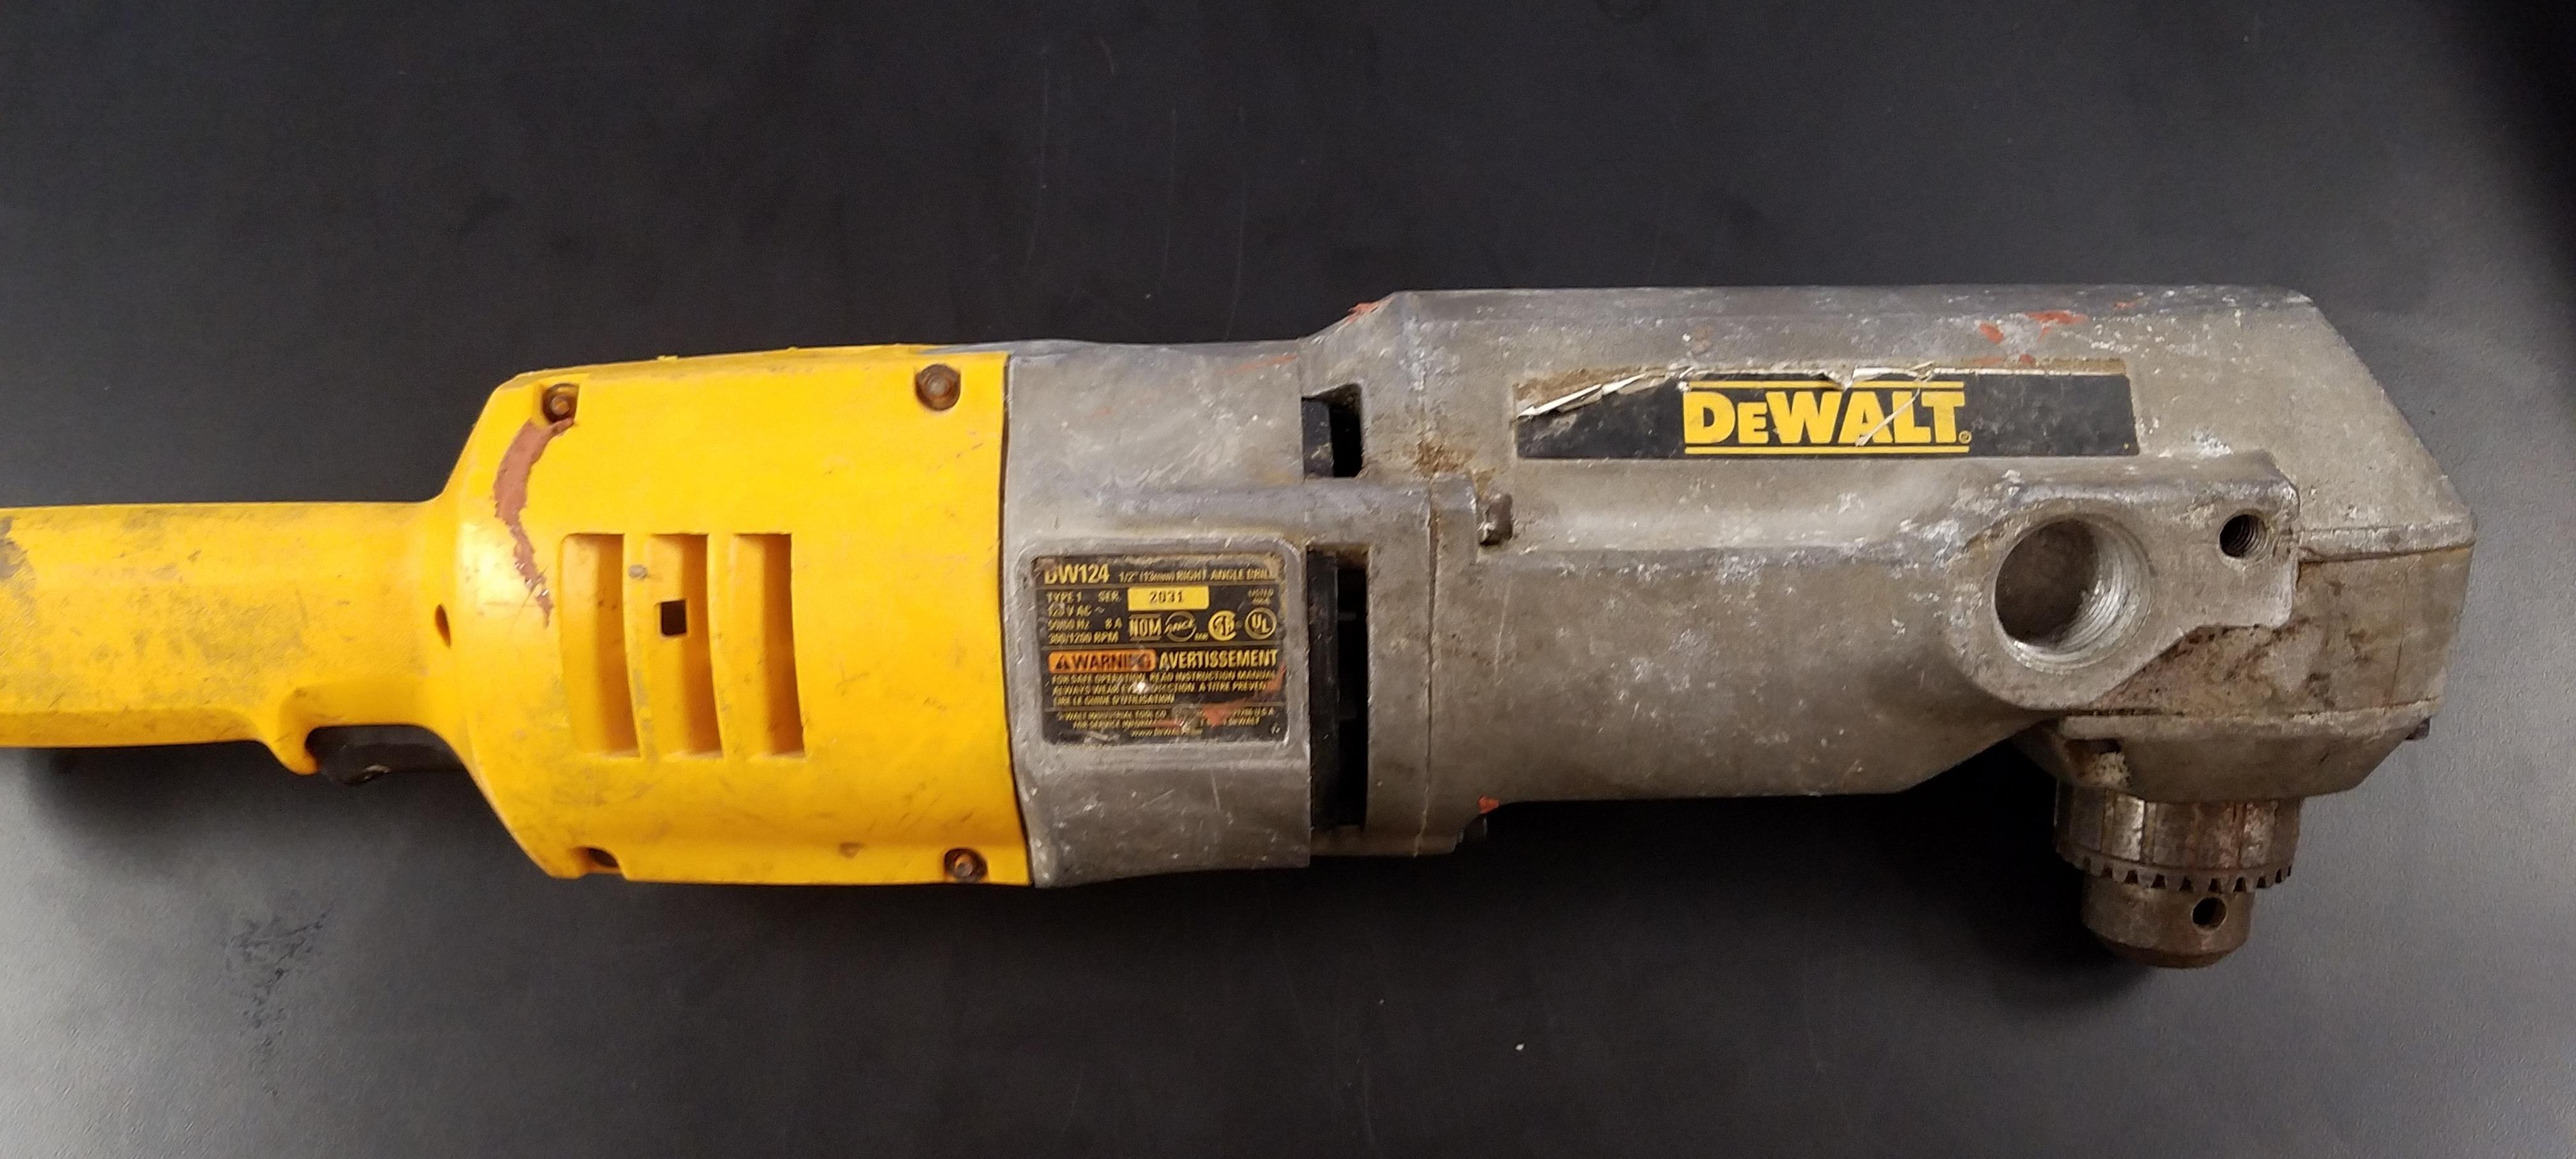 DEWALT DW124  DRILL TOOLS